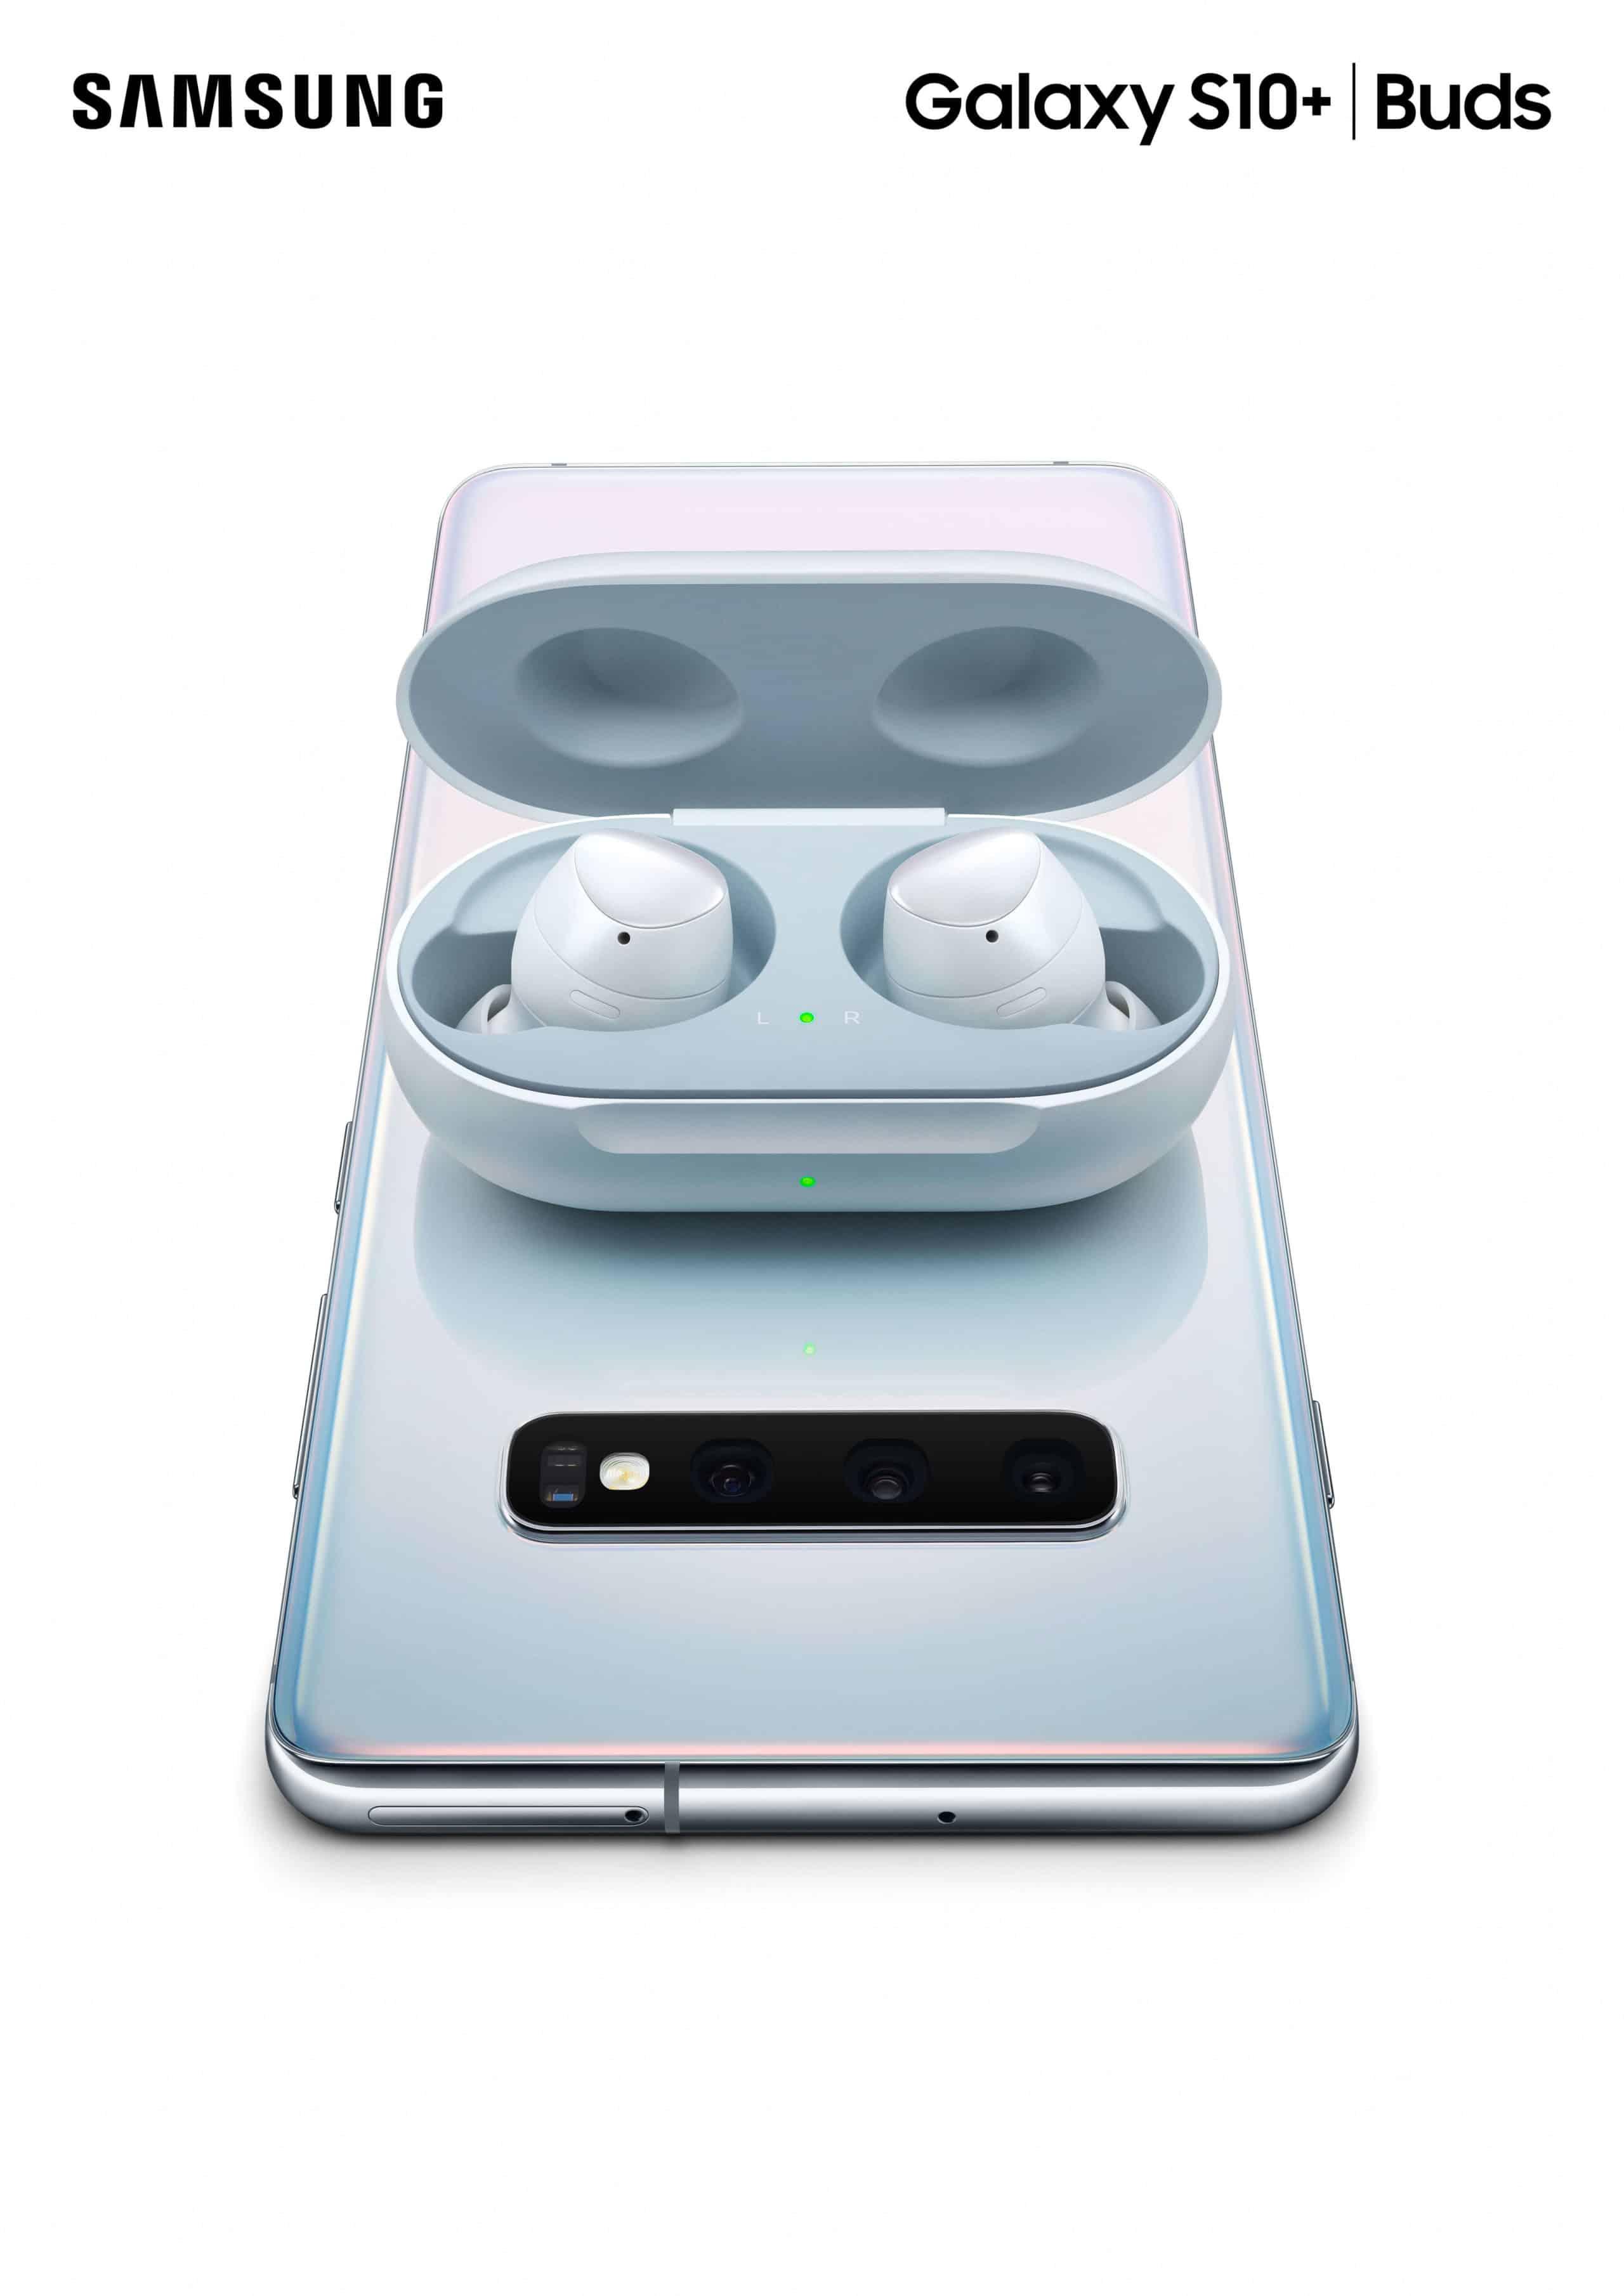 iPhone Xs vs. Galaxy S10 im Droptest: Wer hat die härtesten?